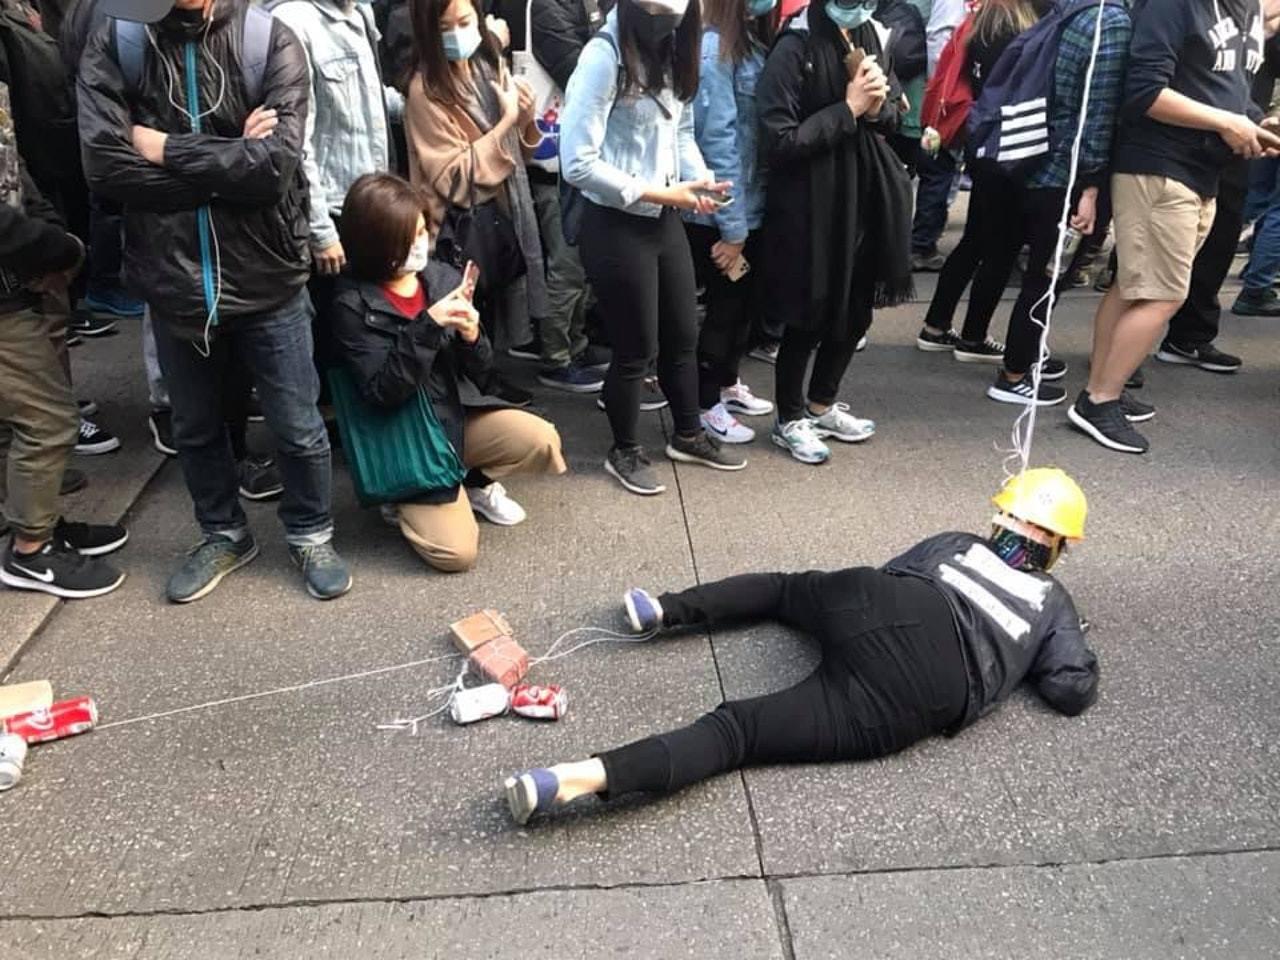 遊行開始後,隊伍中有腳踝上亦綁上磚頭、汽水罐等雜物的示威者俯伏在地上,匍匐前進。...